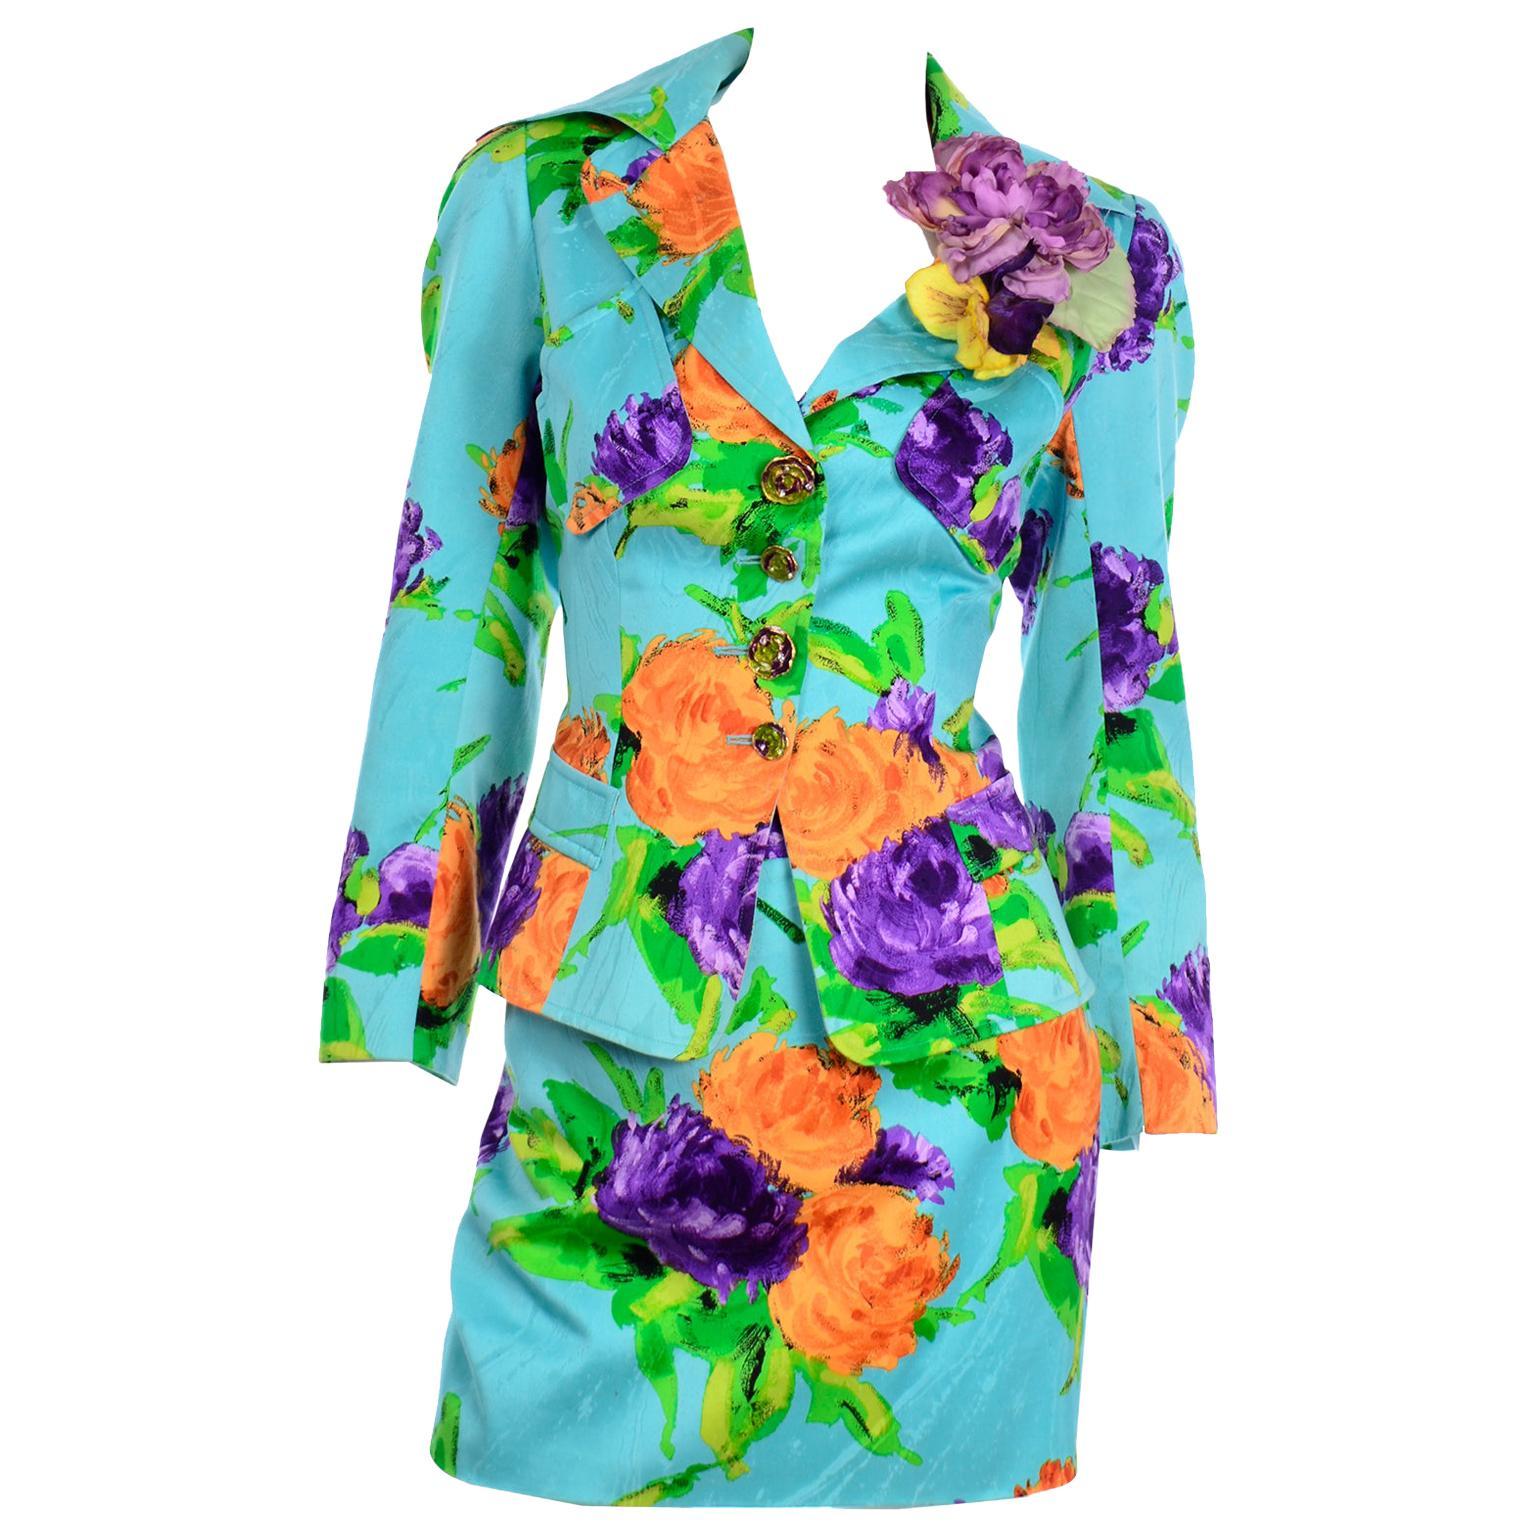 Christian Lacroix Vintage Mini Skirt Jacket Suit Colorful Turquoise Floral Print